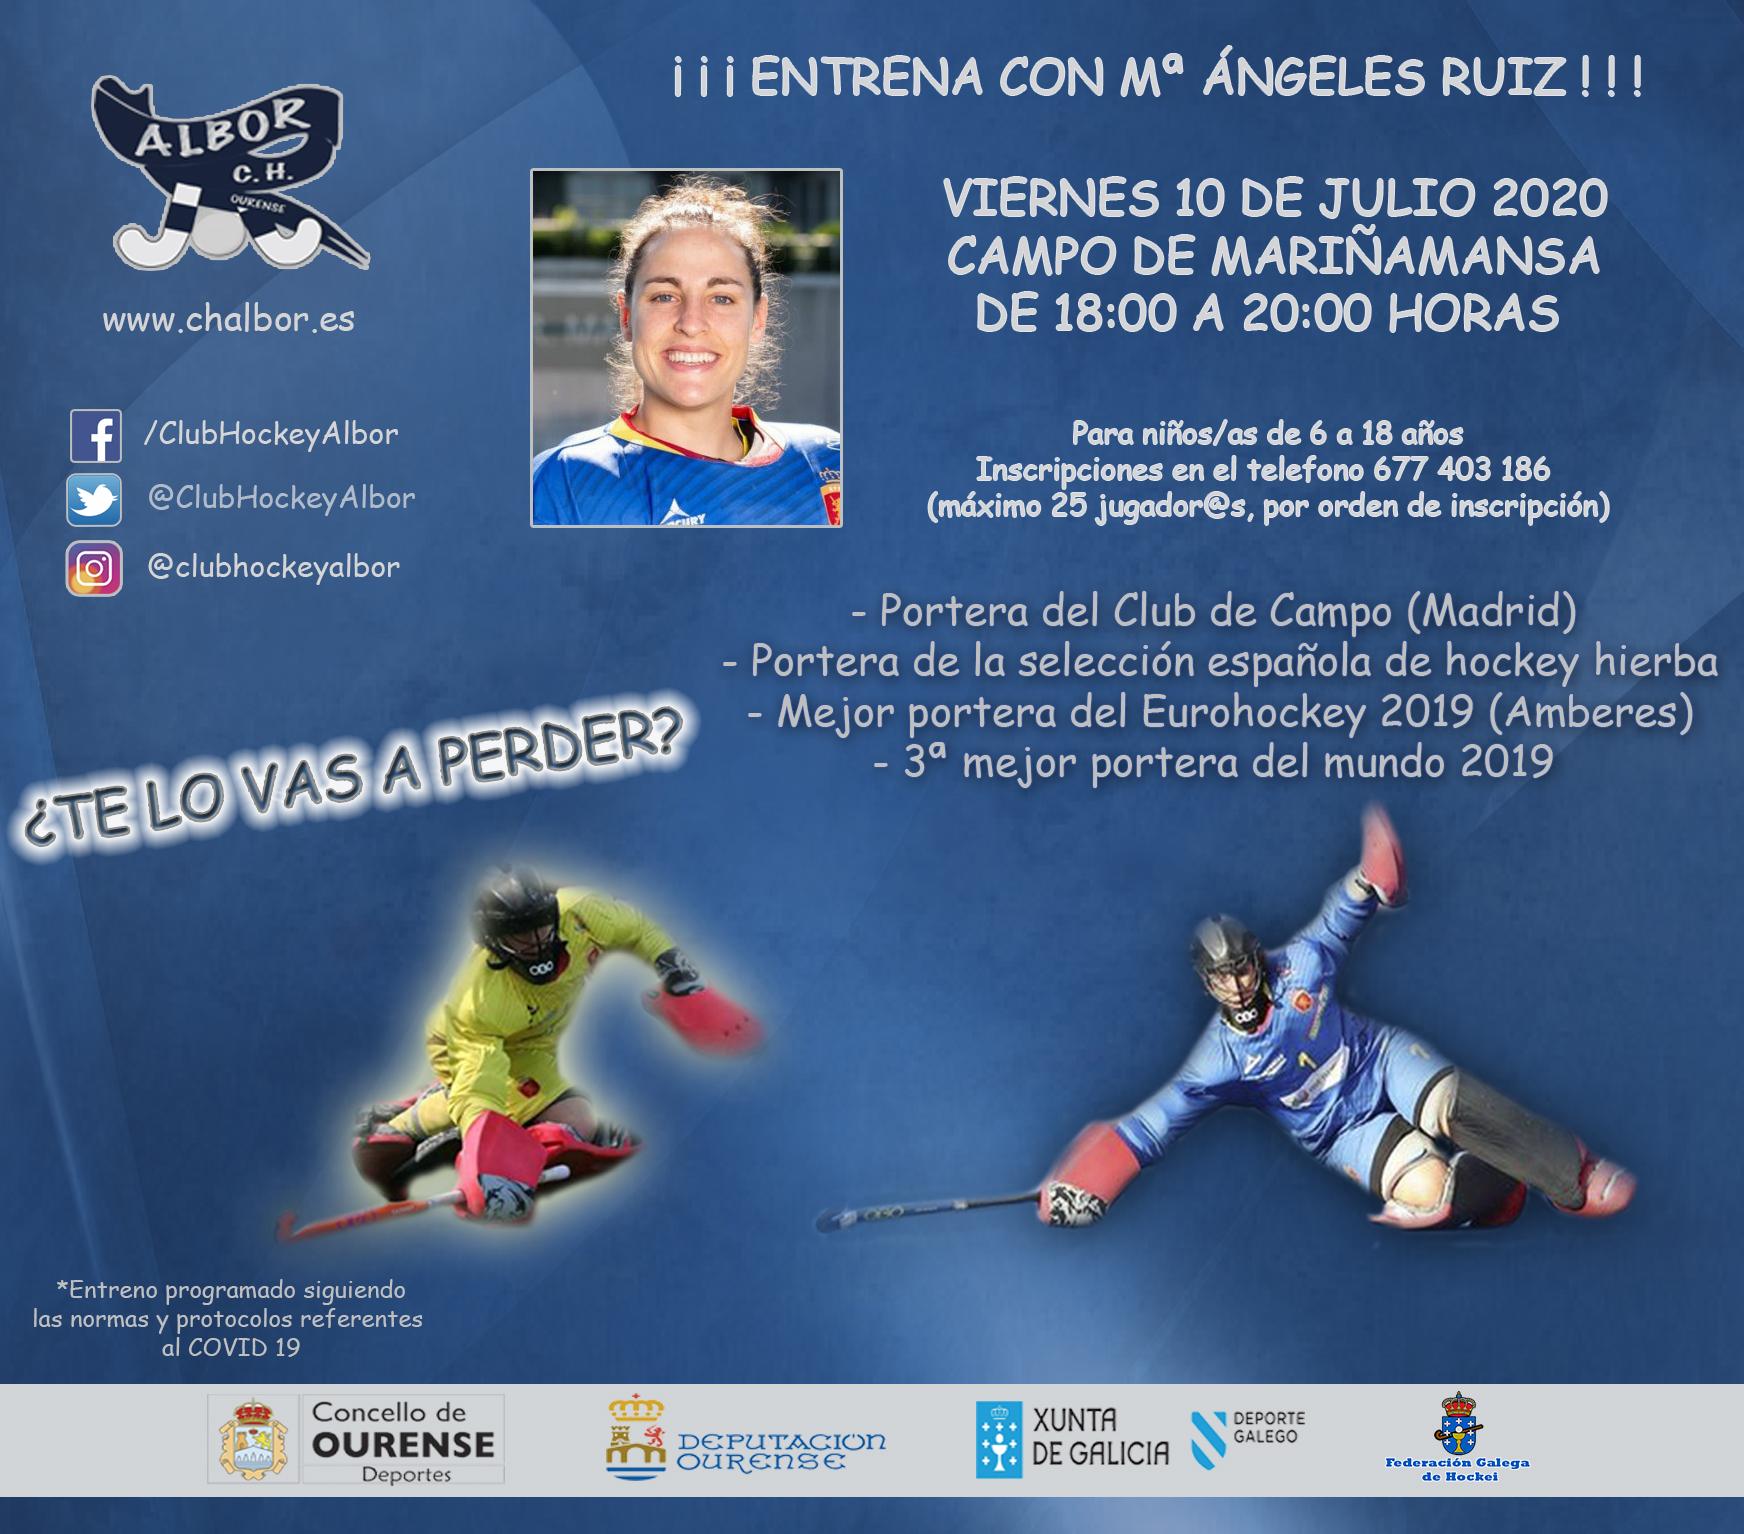 ¿Quieres entrenar con Mari Ángeles Ruiz?